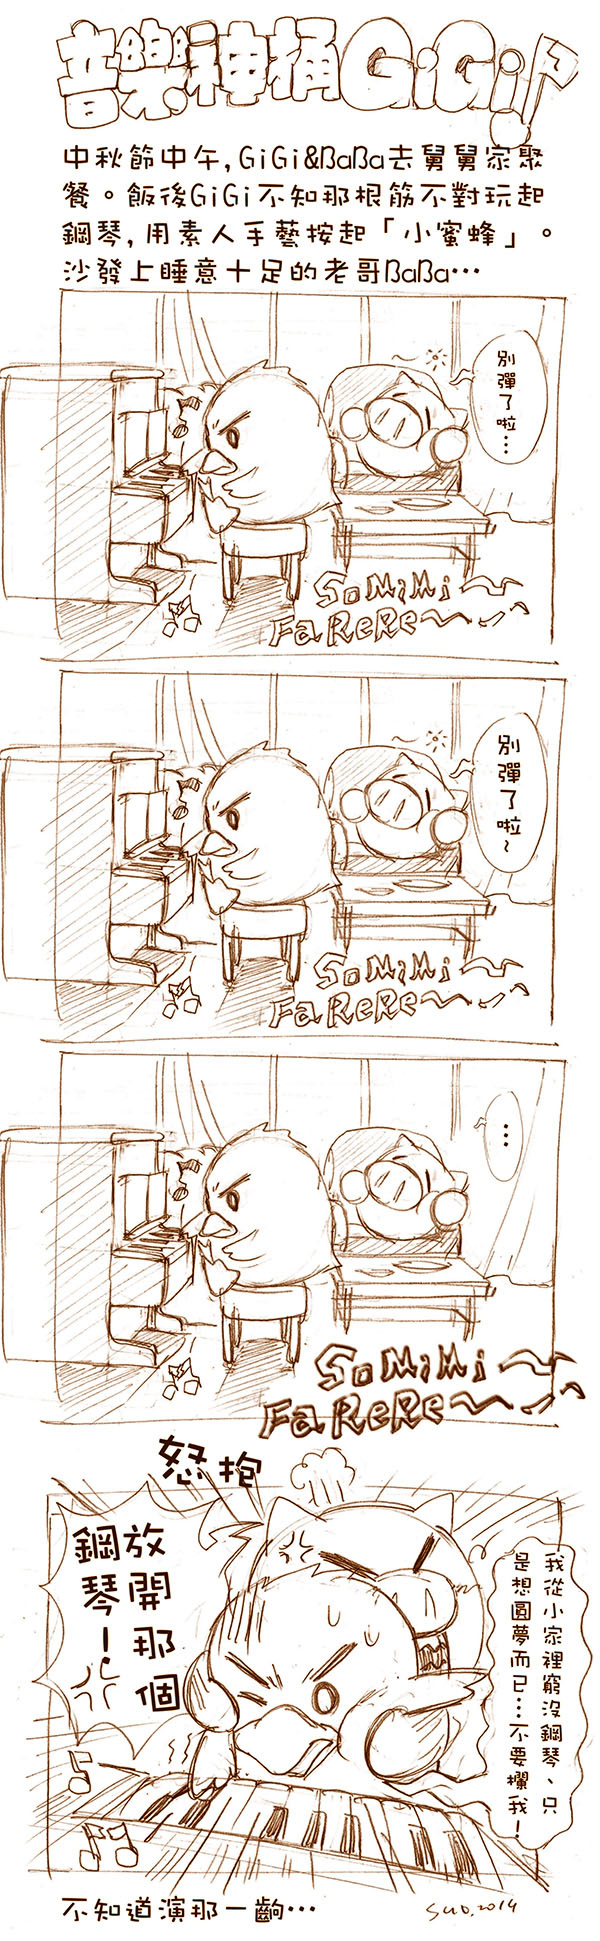 音樂神捅GiGi_Blog